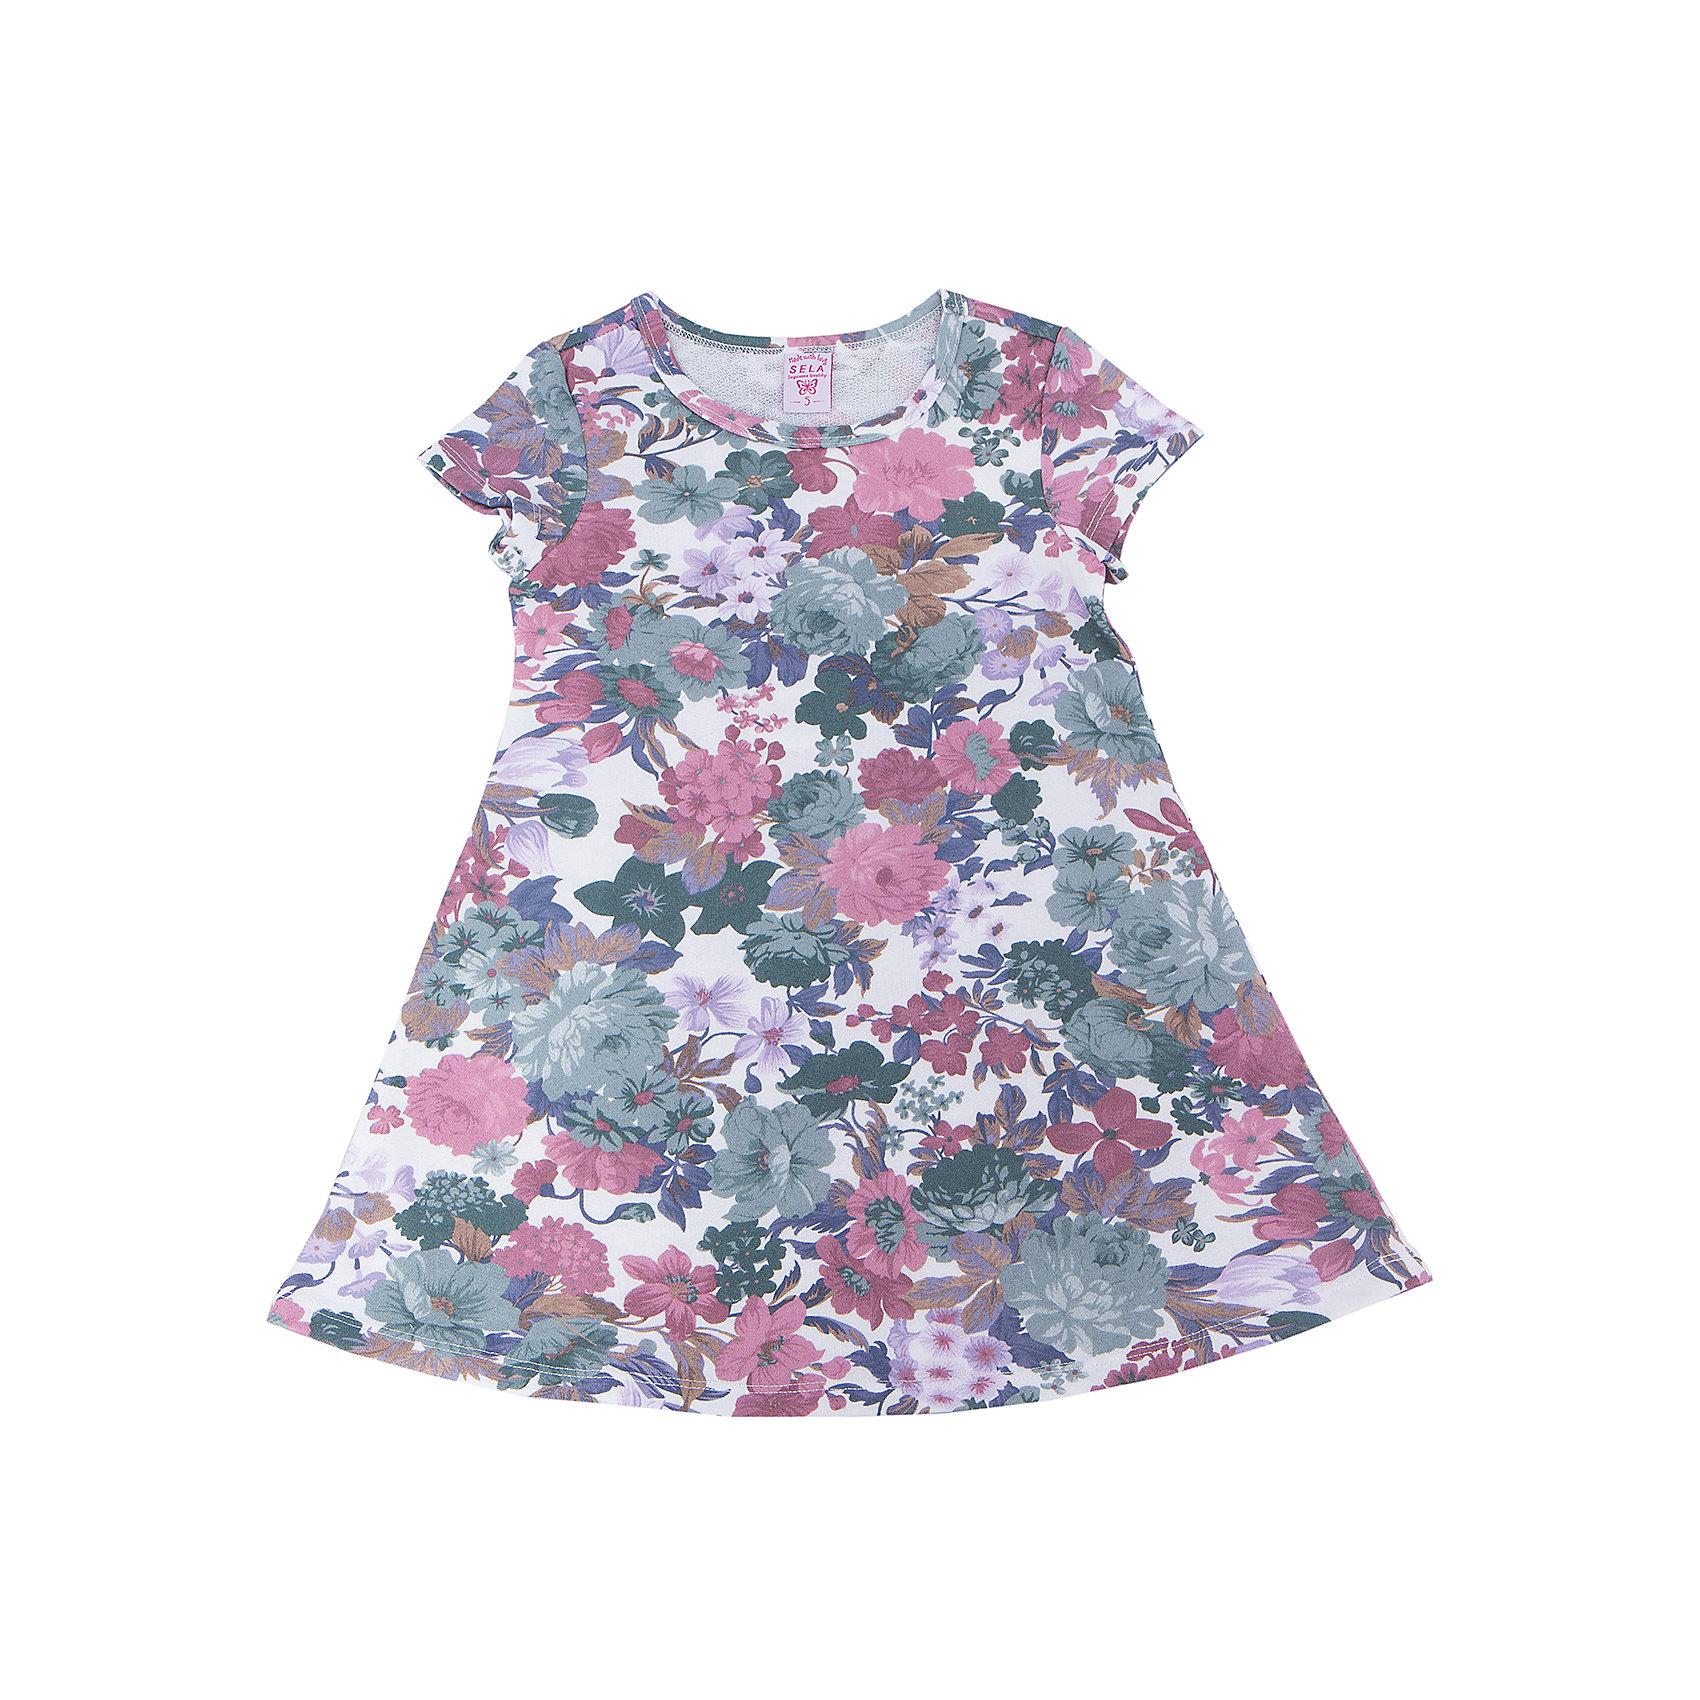 Платье для девочки SELAПлатья и сарафаны<br>Характеристики:<br><br>• Вид детской и подростковой одежды: платье<br>• Пол: для девочки<br>• Предназначение: повседневная, праздничная<br>• Сезон: лето<br>• Тематика рисунка: цветочный принт<br>• Цвет: мультиколор<br>• Материал: 65% хлопок, 35% полиэстер<br>• Силуэт: А-силуэт<br>• Рукав: короткий<br>• Горловина: круглая<br>• Длина платья: мини<br>• Особенности ухода: ручная стирка при температуре не более 30 градусов, глажение на щадящем режиме<br><br>Платье для девочки SELA из коллекции детской и подростковой одежды от знаменитого торгового бренда, который производит удобную, комфортную и стильную одежду, предназначенную как для будней, так и для праздников. Изделие выполнено из легкого трикотажного полотна, в состав которого входит хлопок и полиэстер, что обеспечивает платью повышенные гипоаллергенные и гигроскопичные свойства. Платье выполнено в классическом стиле: А-силуэт, короткий втачной рукав и круглая горловина. Изделие выполнено из ткани в крупный цветочный принт. Платье для девочки SELA может быть как самостоятельным предметом гардероба, так и хорошо будет сочетаться с леггинсами.<br><br>Платье для девочки SELA можно купить в нашем интернет-магазине.<br><br>Ширина мм: 236<br>Глубина мм: 16<br>Высота мм: 184<br>Вес г: 177<br>Цвет: разноцветный<br>Возраст от месяцев: 24<br>Возраст до месяцев: 36<br>Пол: Женский<br>Возраст: Детский<br>Размер: 110,104,116,98<br>SKU: 5305340